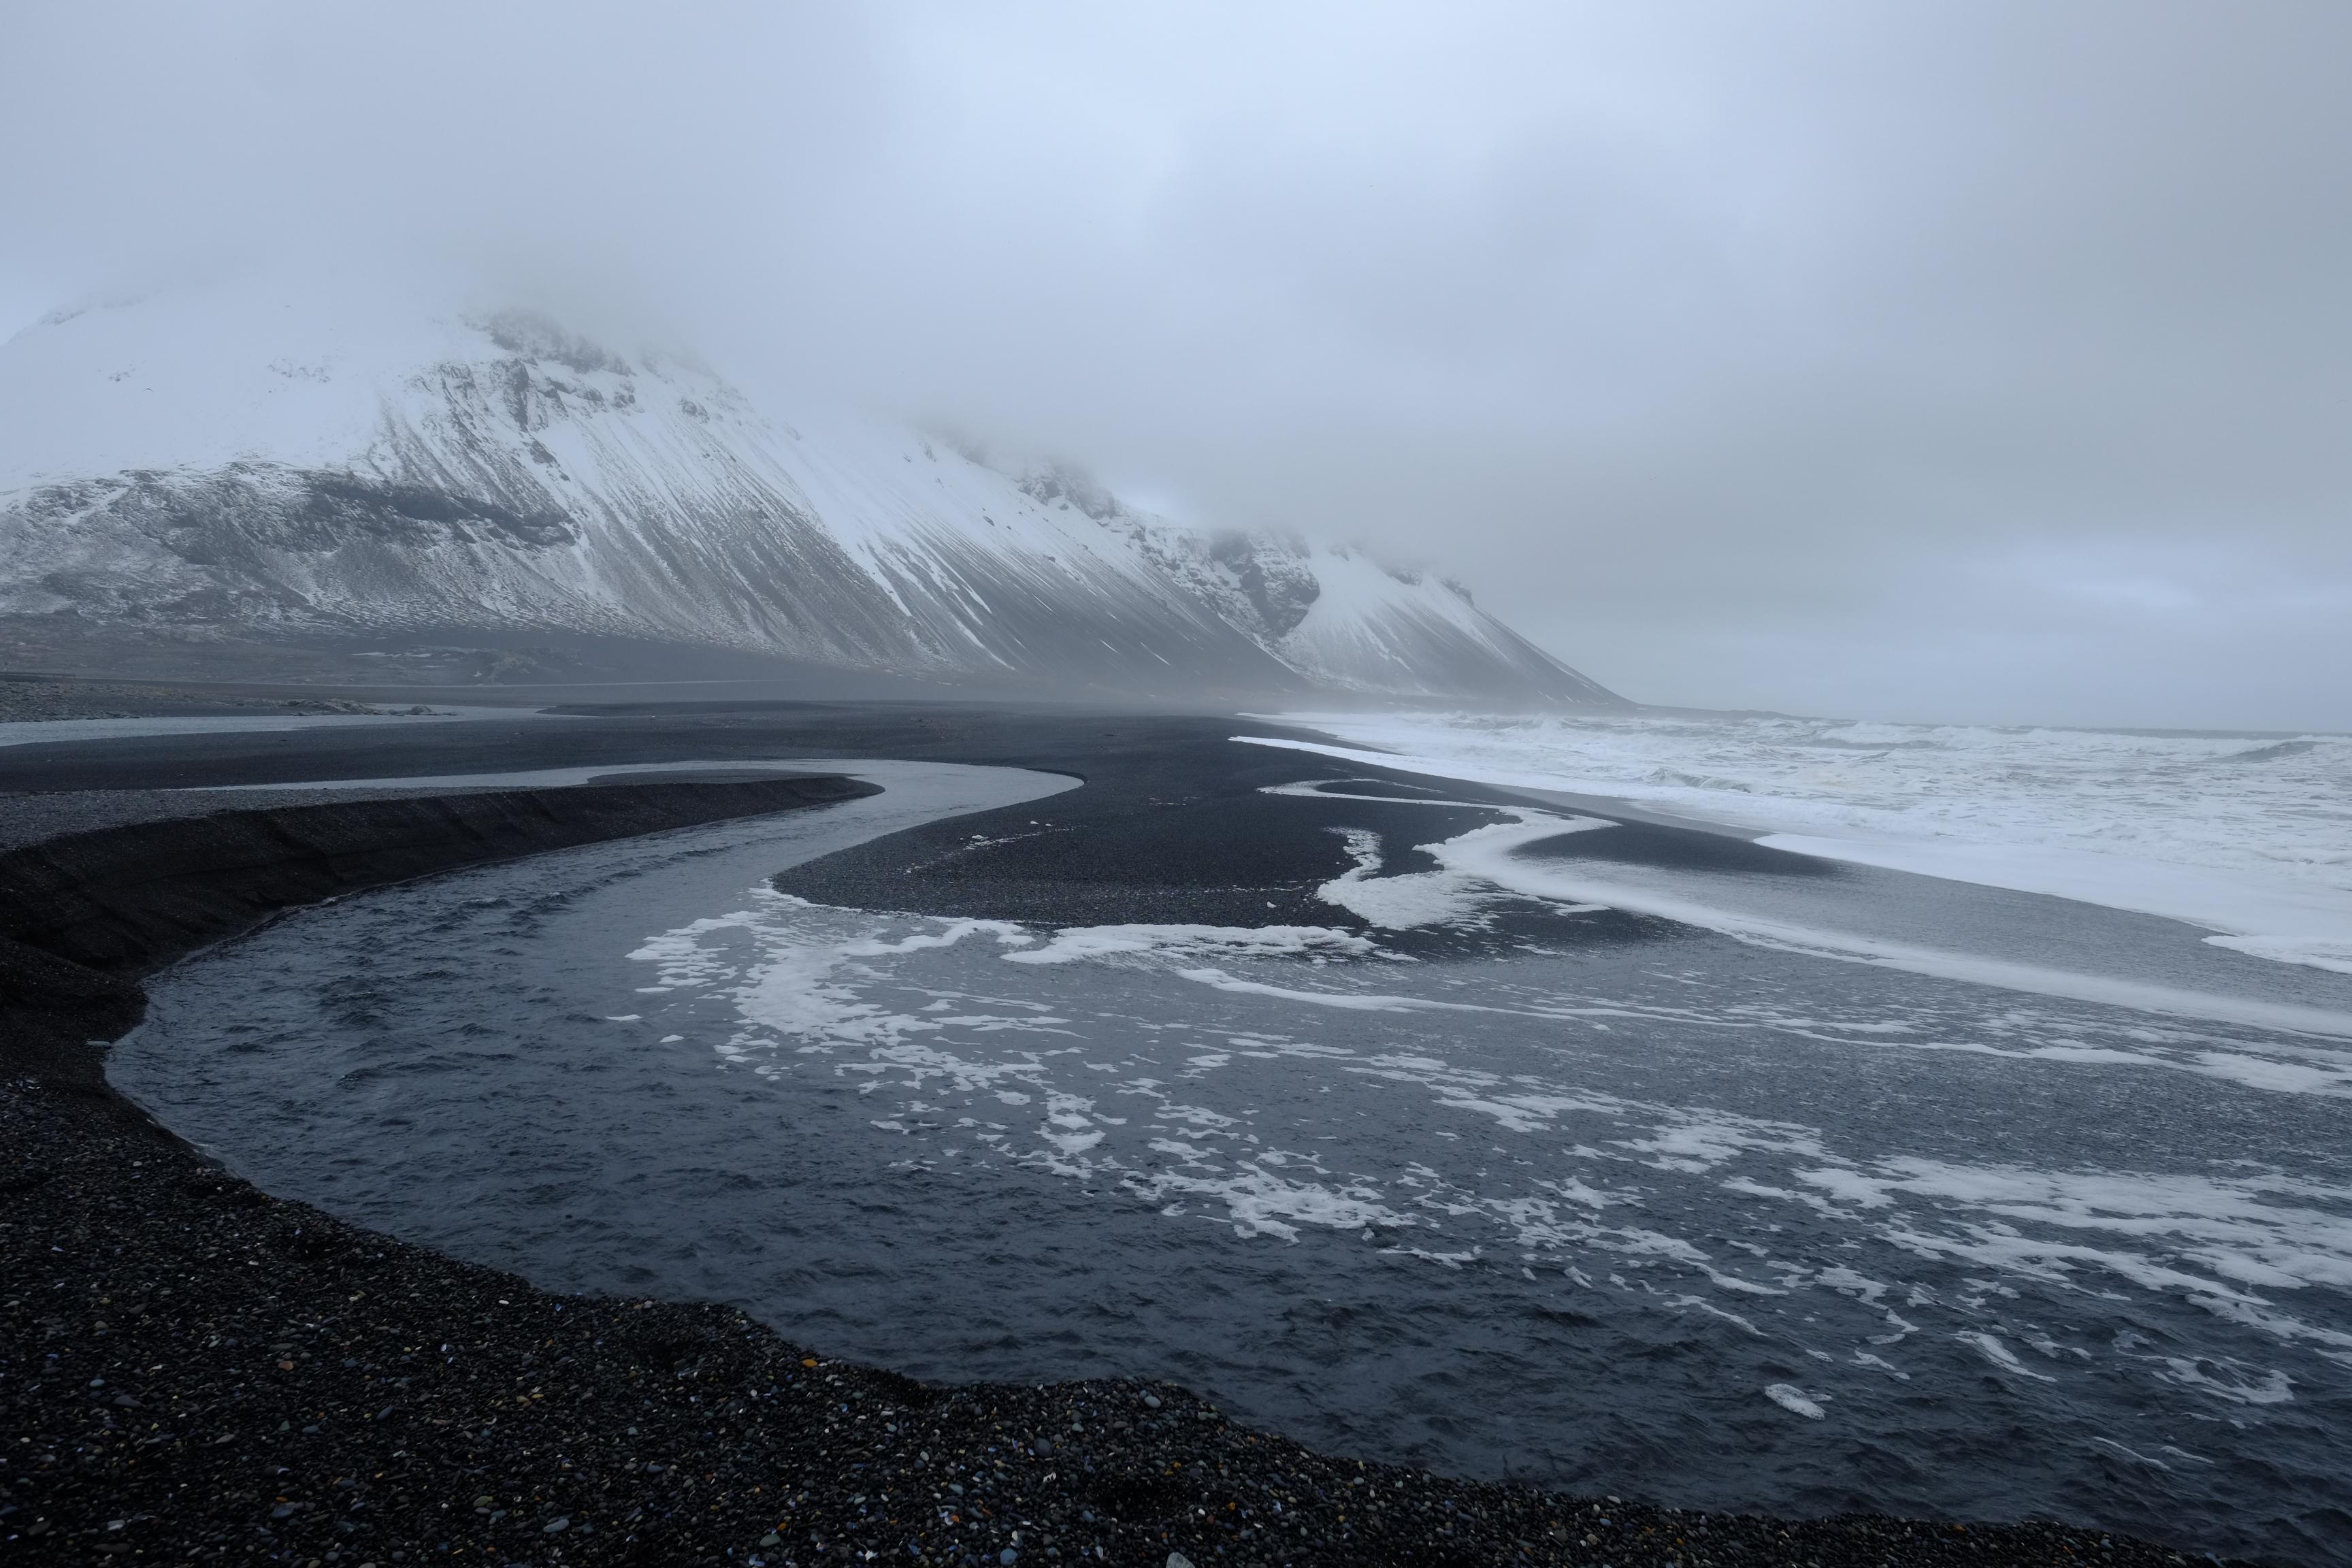 Les plages de sable noir du sud est de l'Islande